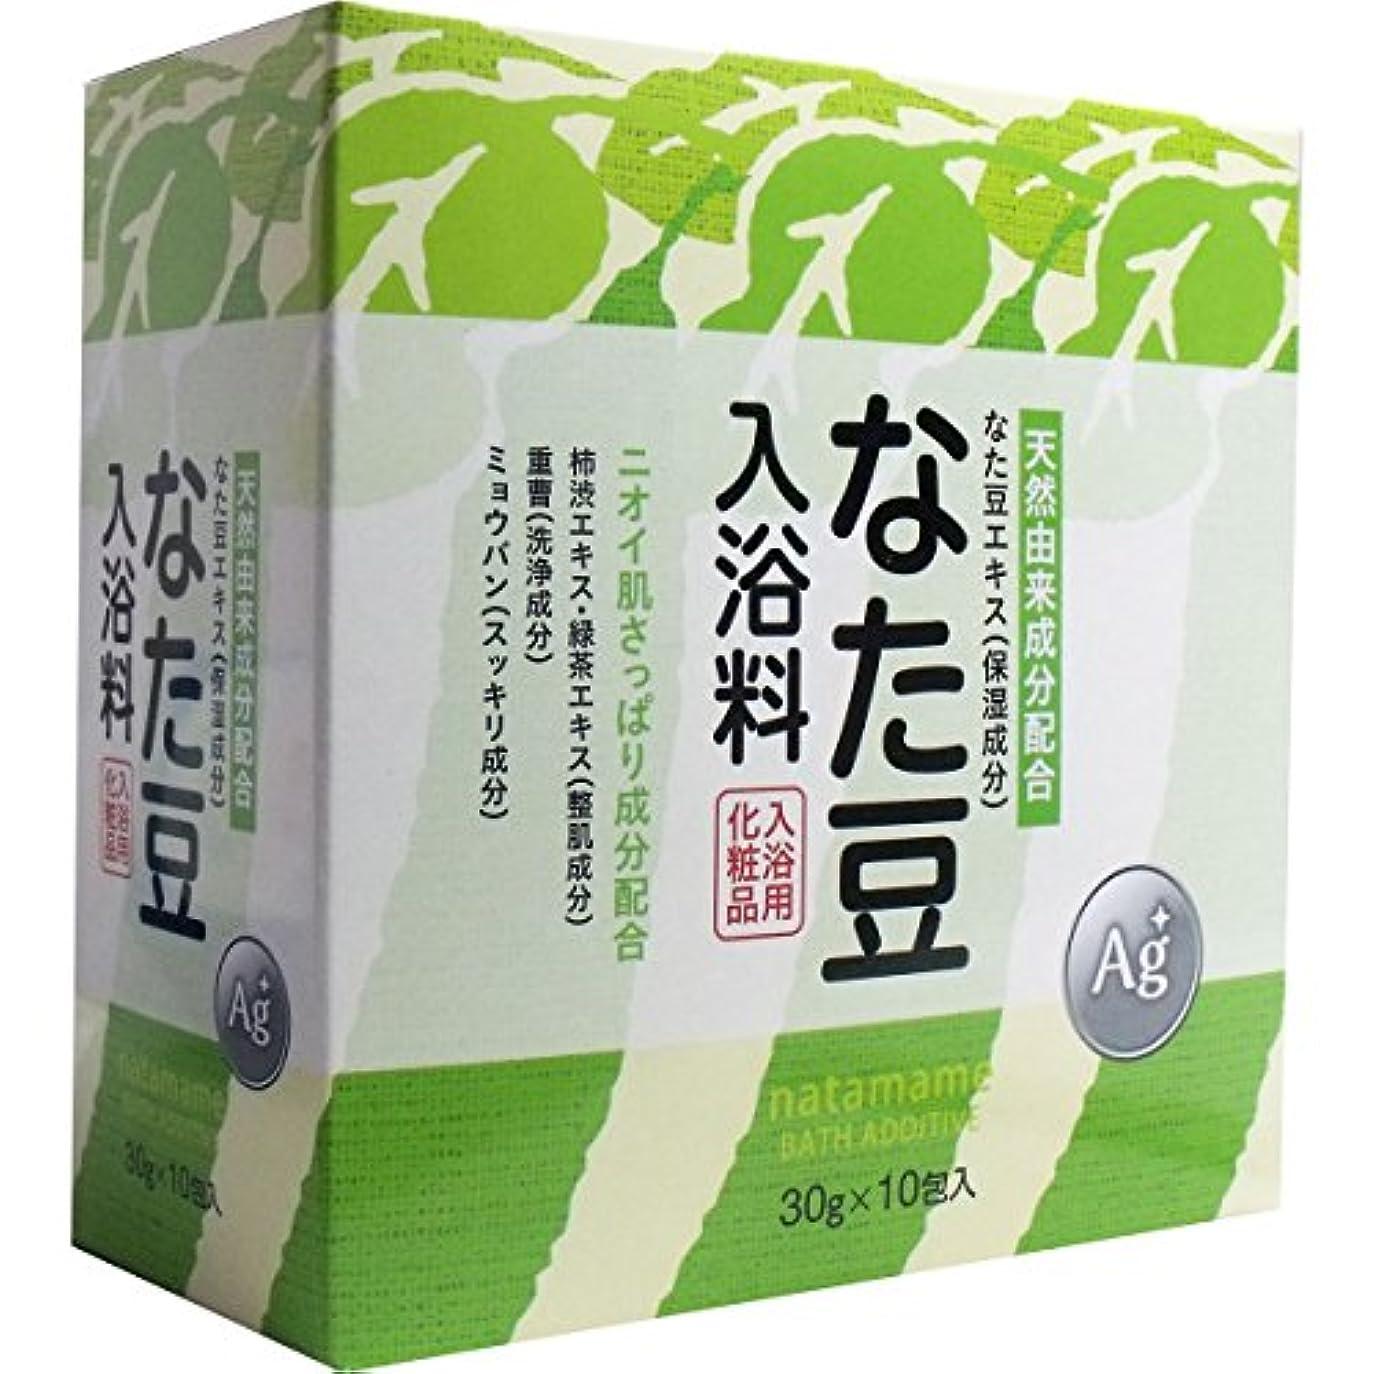 ミュウミュウ血色の良い寄り添うなた豆入浴料 入浴用化粧品 30g×10包入×10